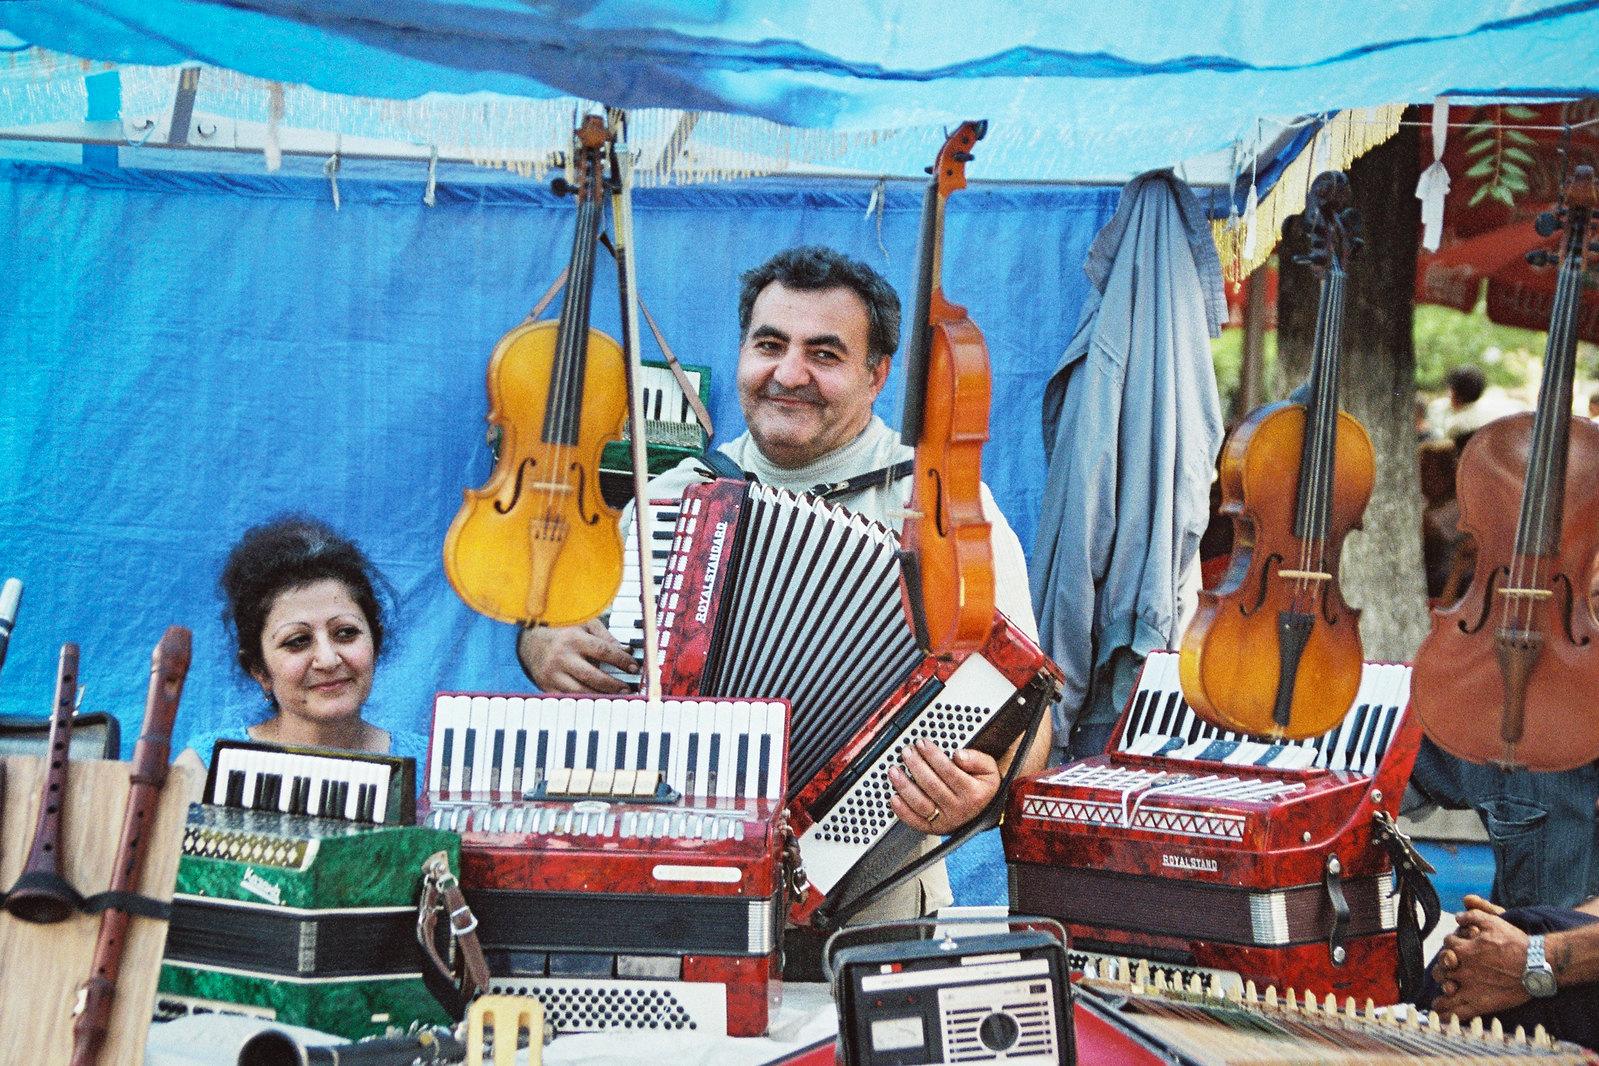 Tomber sous le charme de l'Arménie - Le joueur d'accordéon